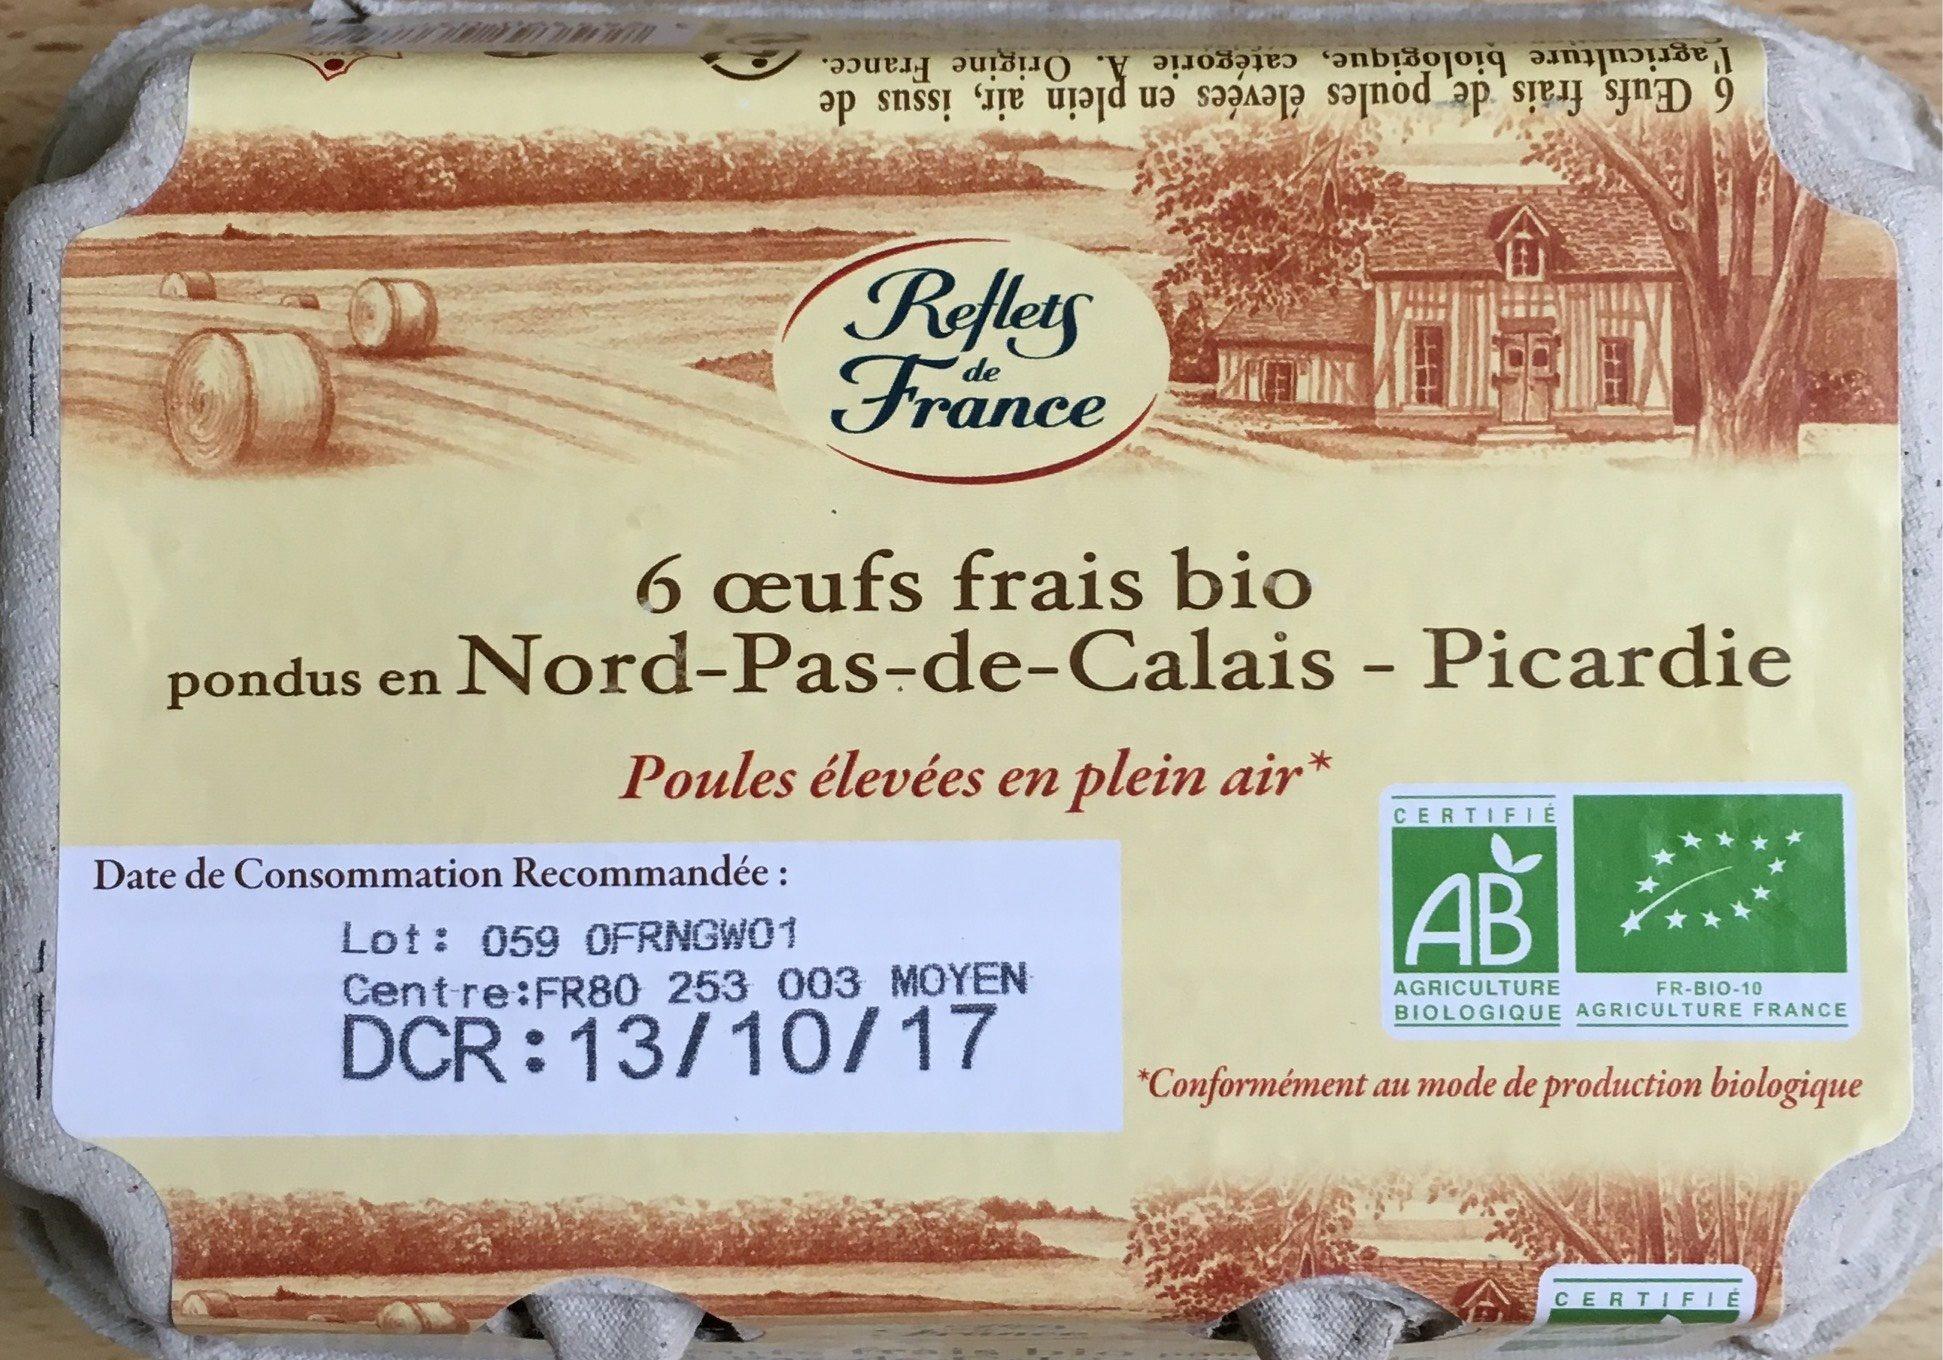 6 oeufs frais Bio pondus en Nord-Pas-De-Calais - Picardie - Product